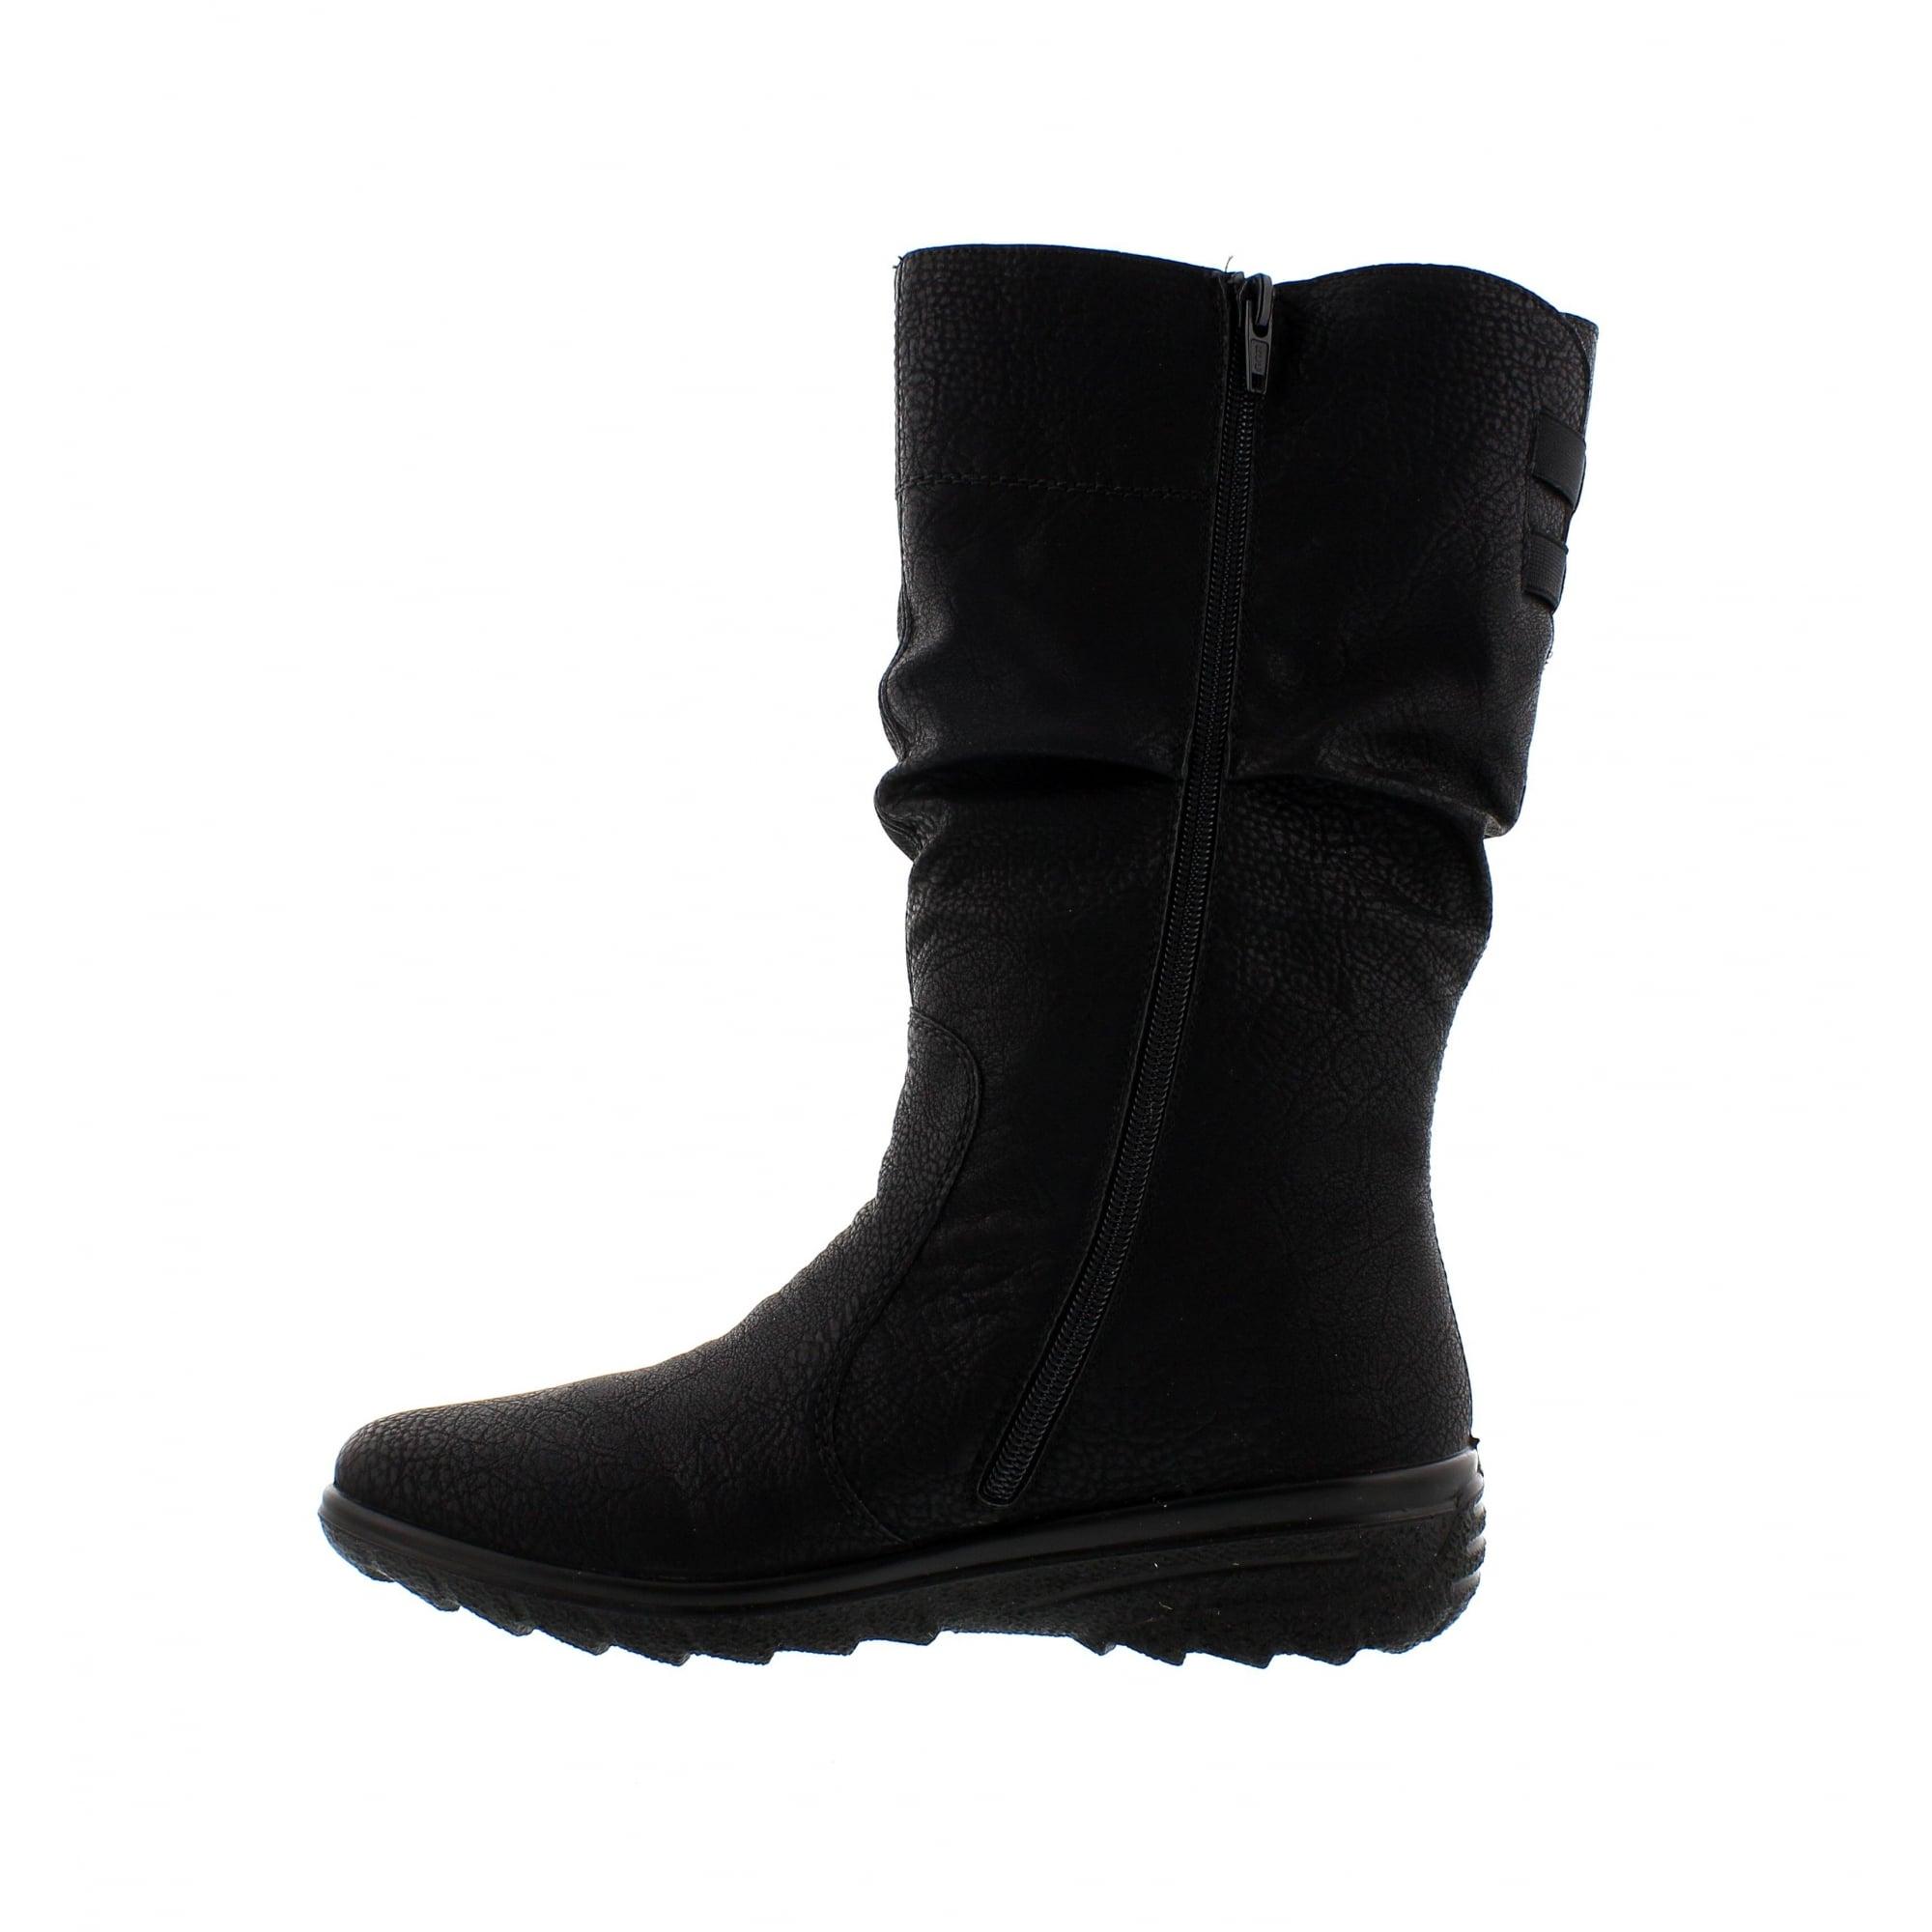 f0bcf547f9c Rieker Z7073-00 Black Womens Mid Calf Boots